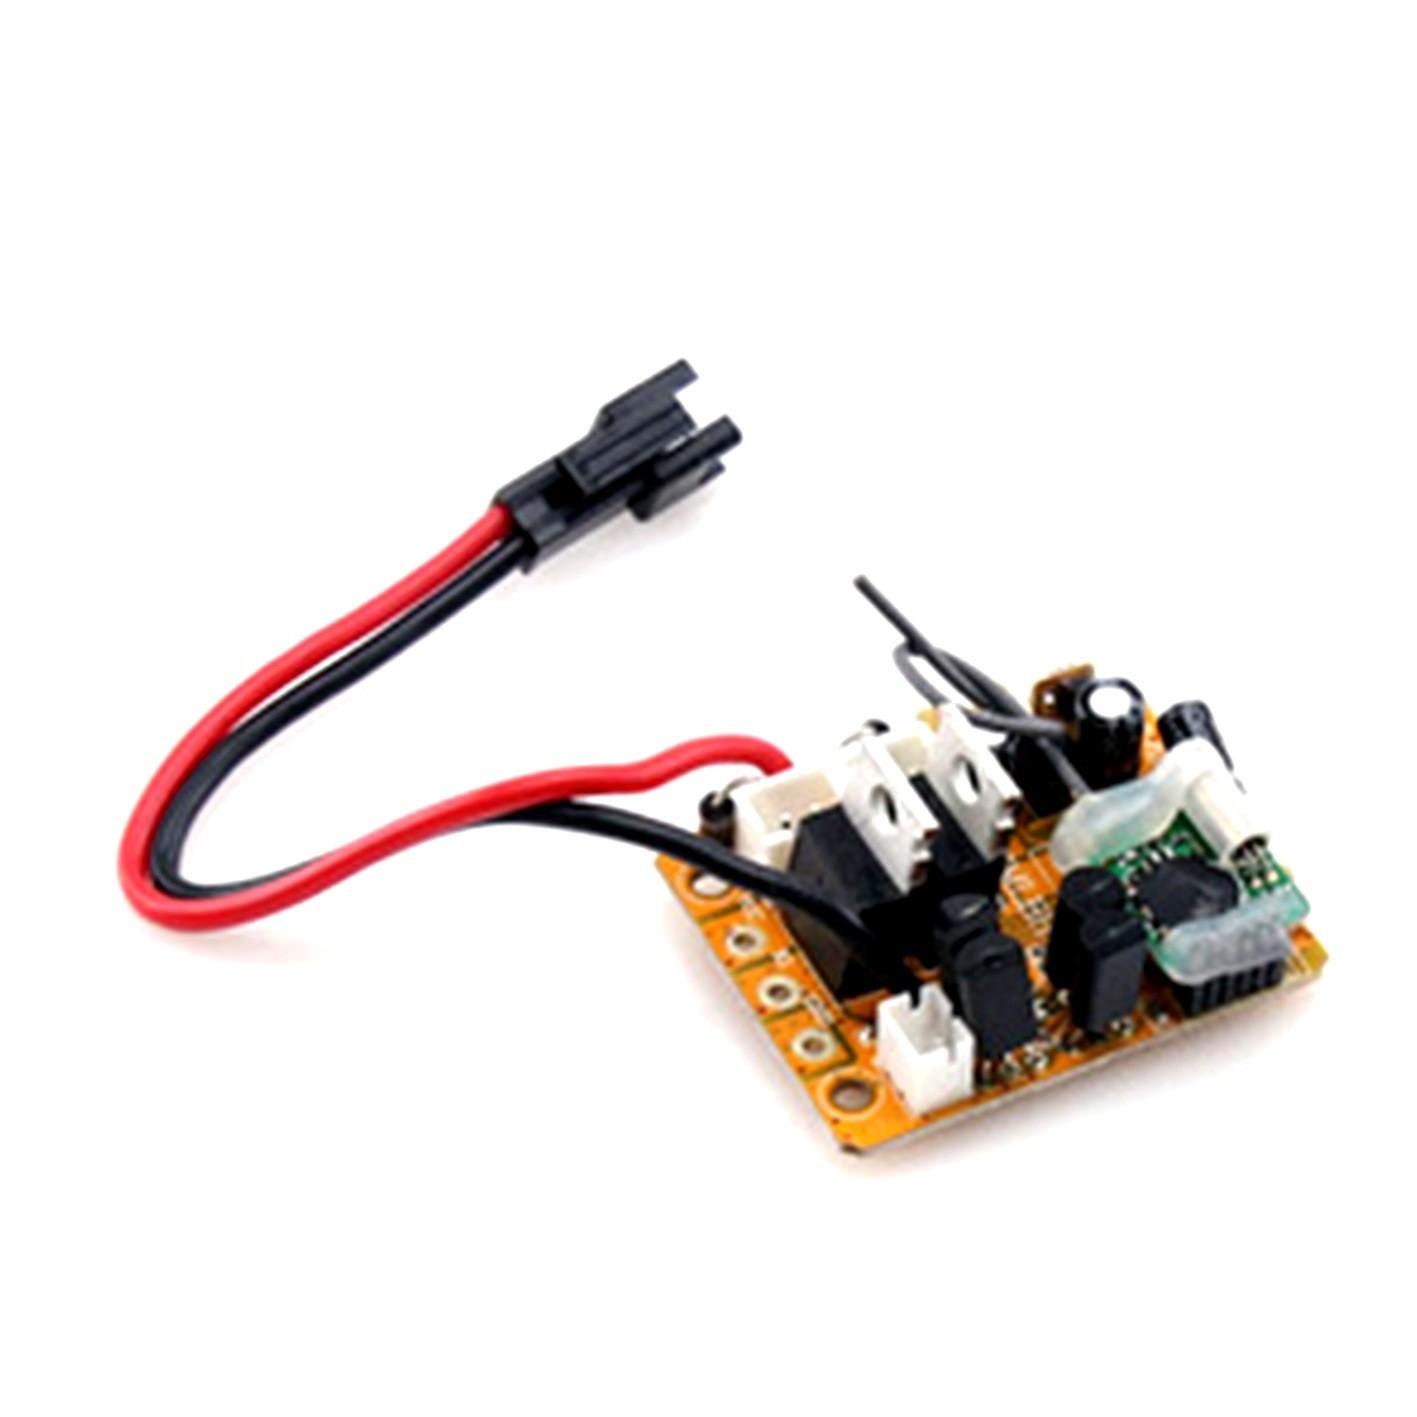 太阳能控制板PCBA单片机开发